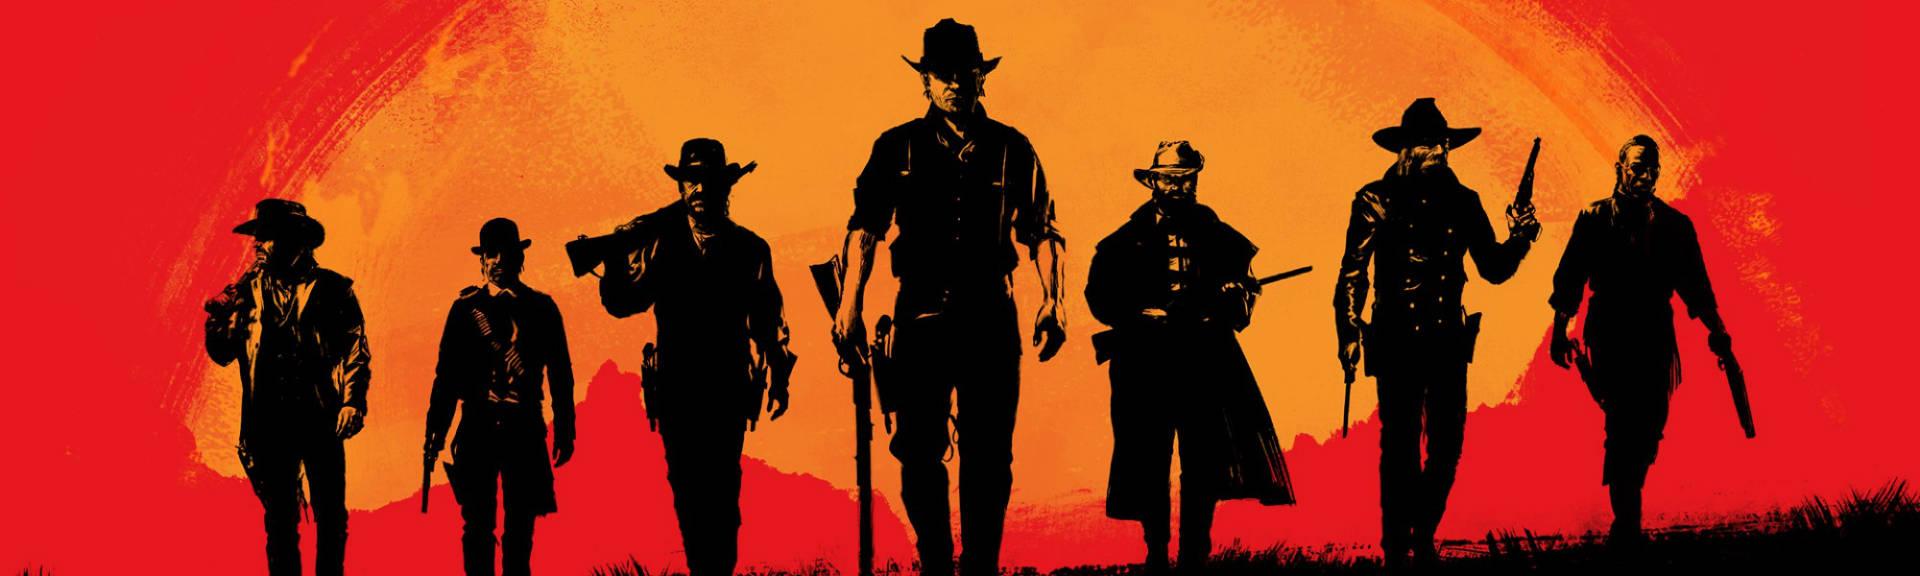 اولین ابزار ماد غیررسمی Red Dead Redemption 2 منتشر شد